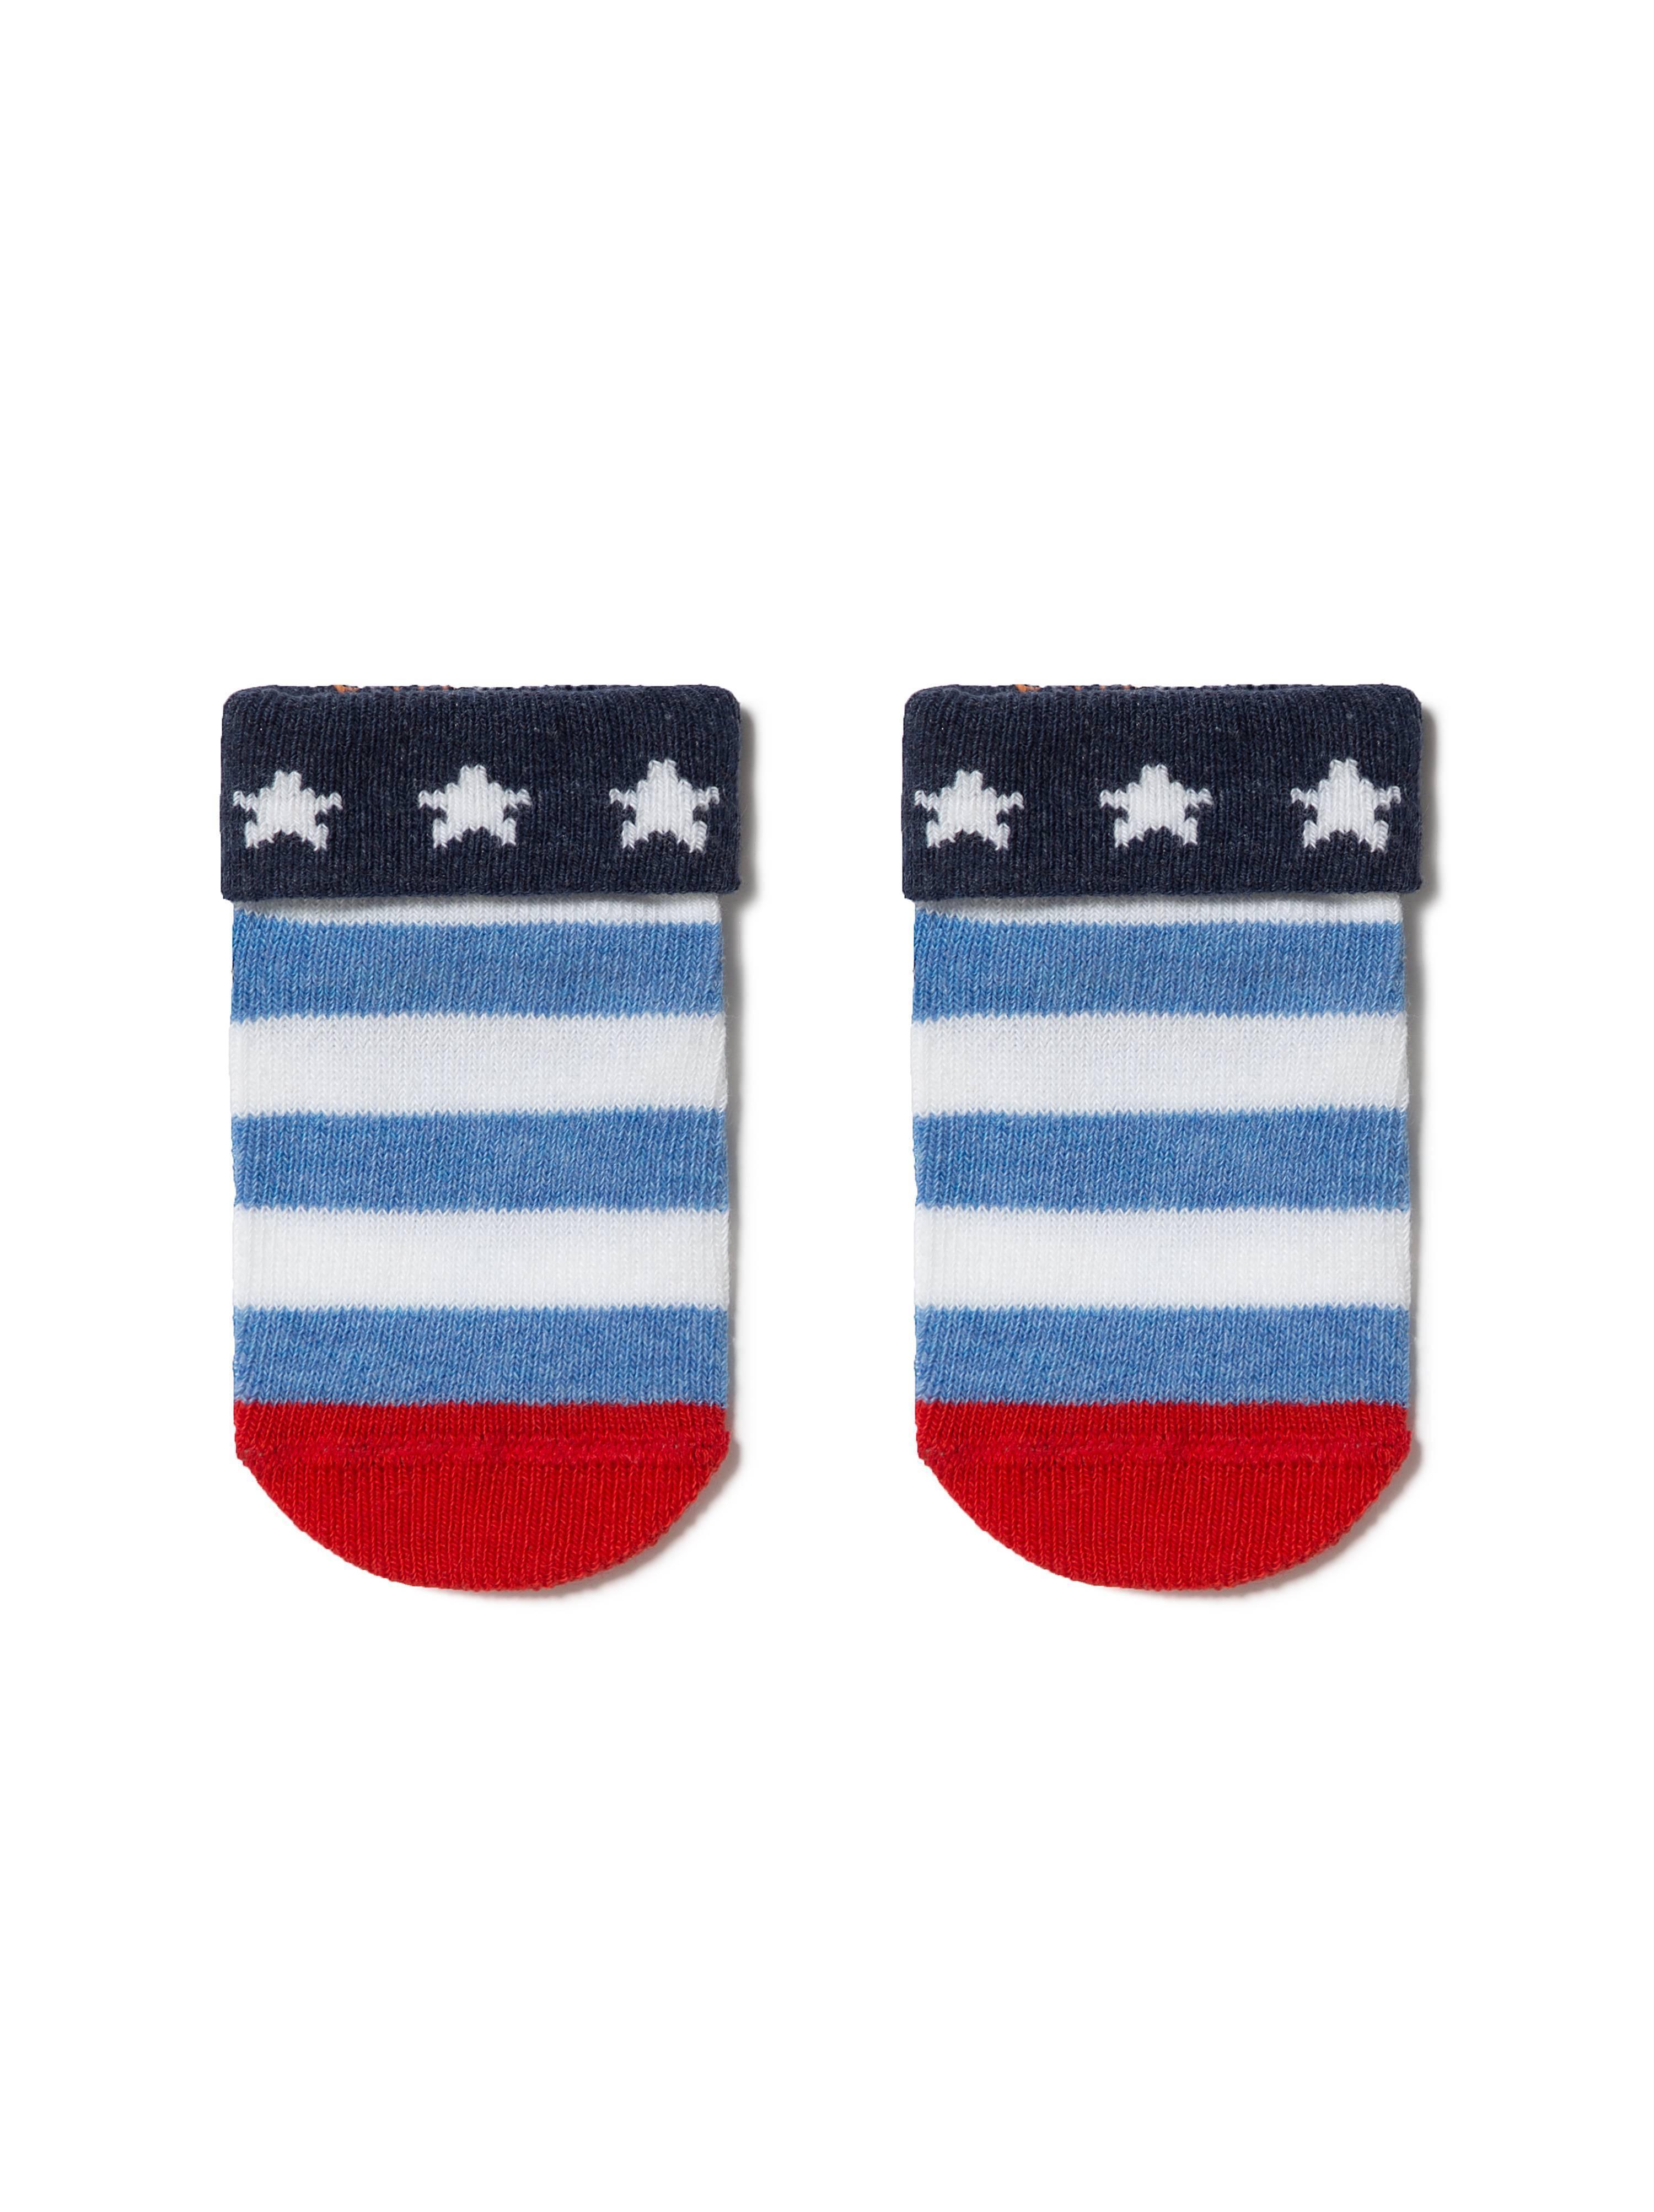 Хлопковые носки TIP-TOP для малышей фото